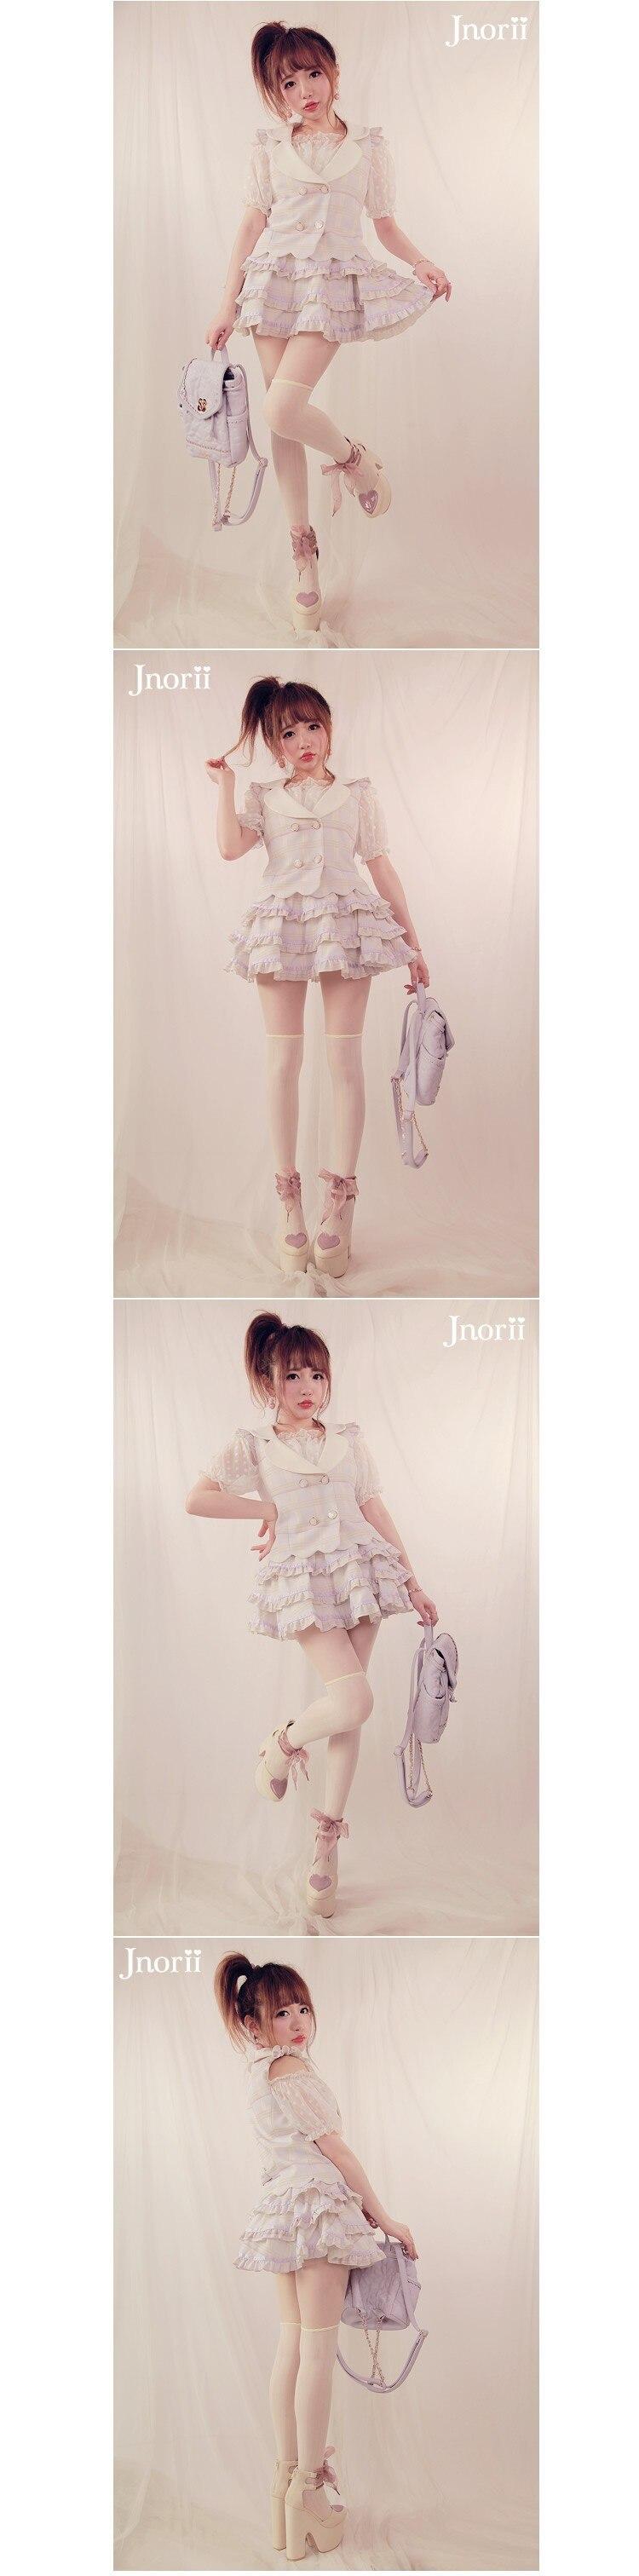 Милая юбка принцессы в стиле Лолиты Bobon21, оригинальная, на заказ, Marca dragon, сетчатая, кружевная, многослойная, бальная юбка в стиле лотоса, мини-юбка B1197